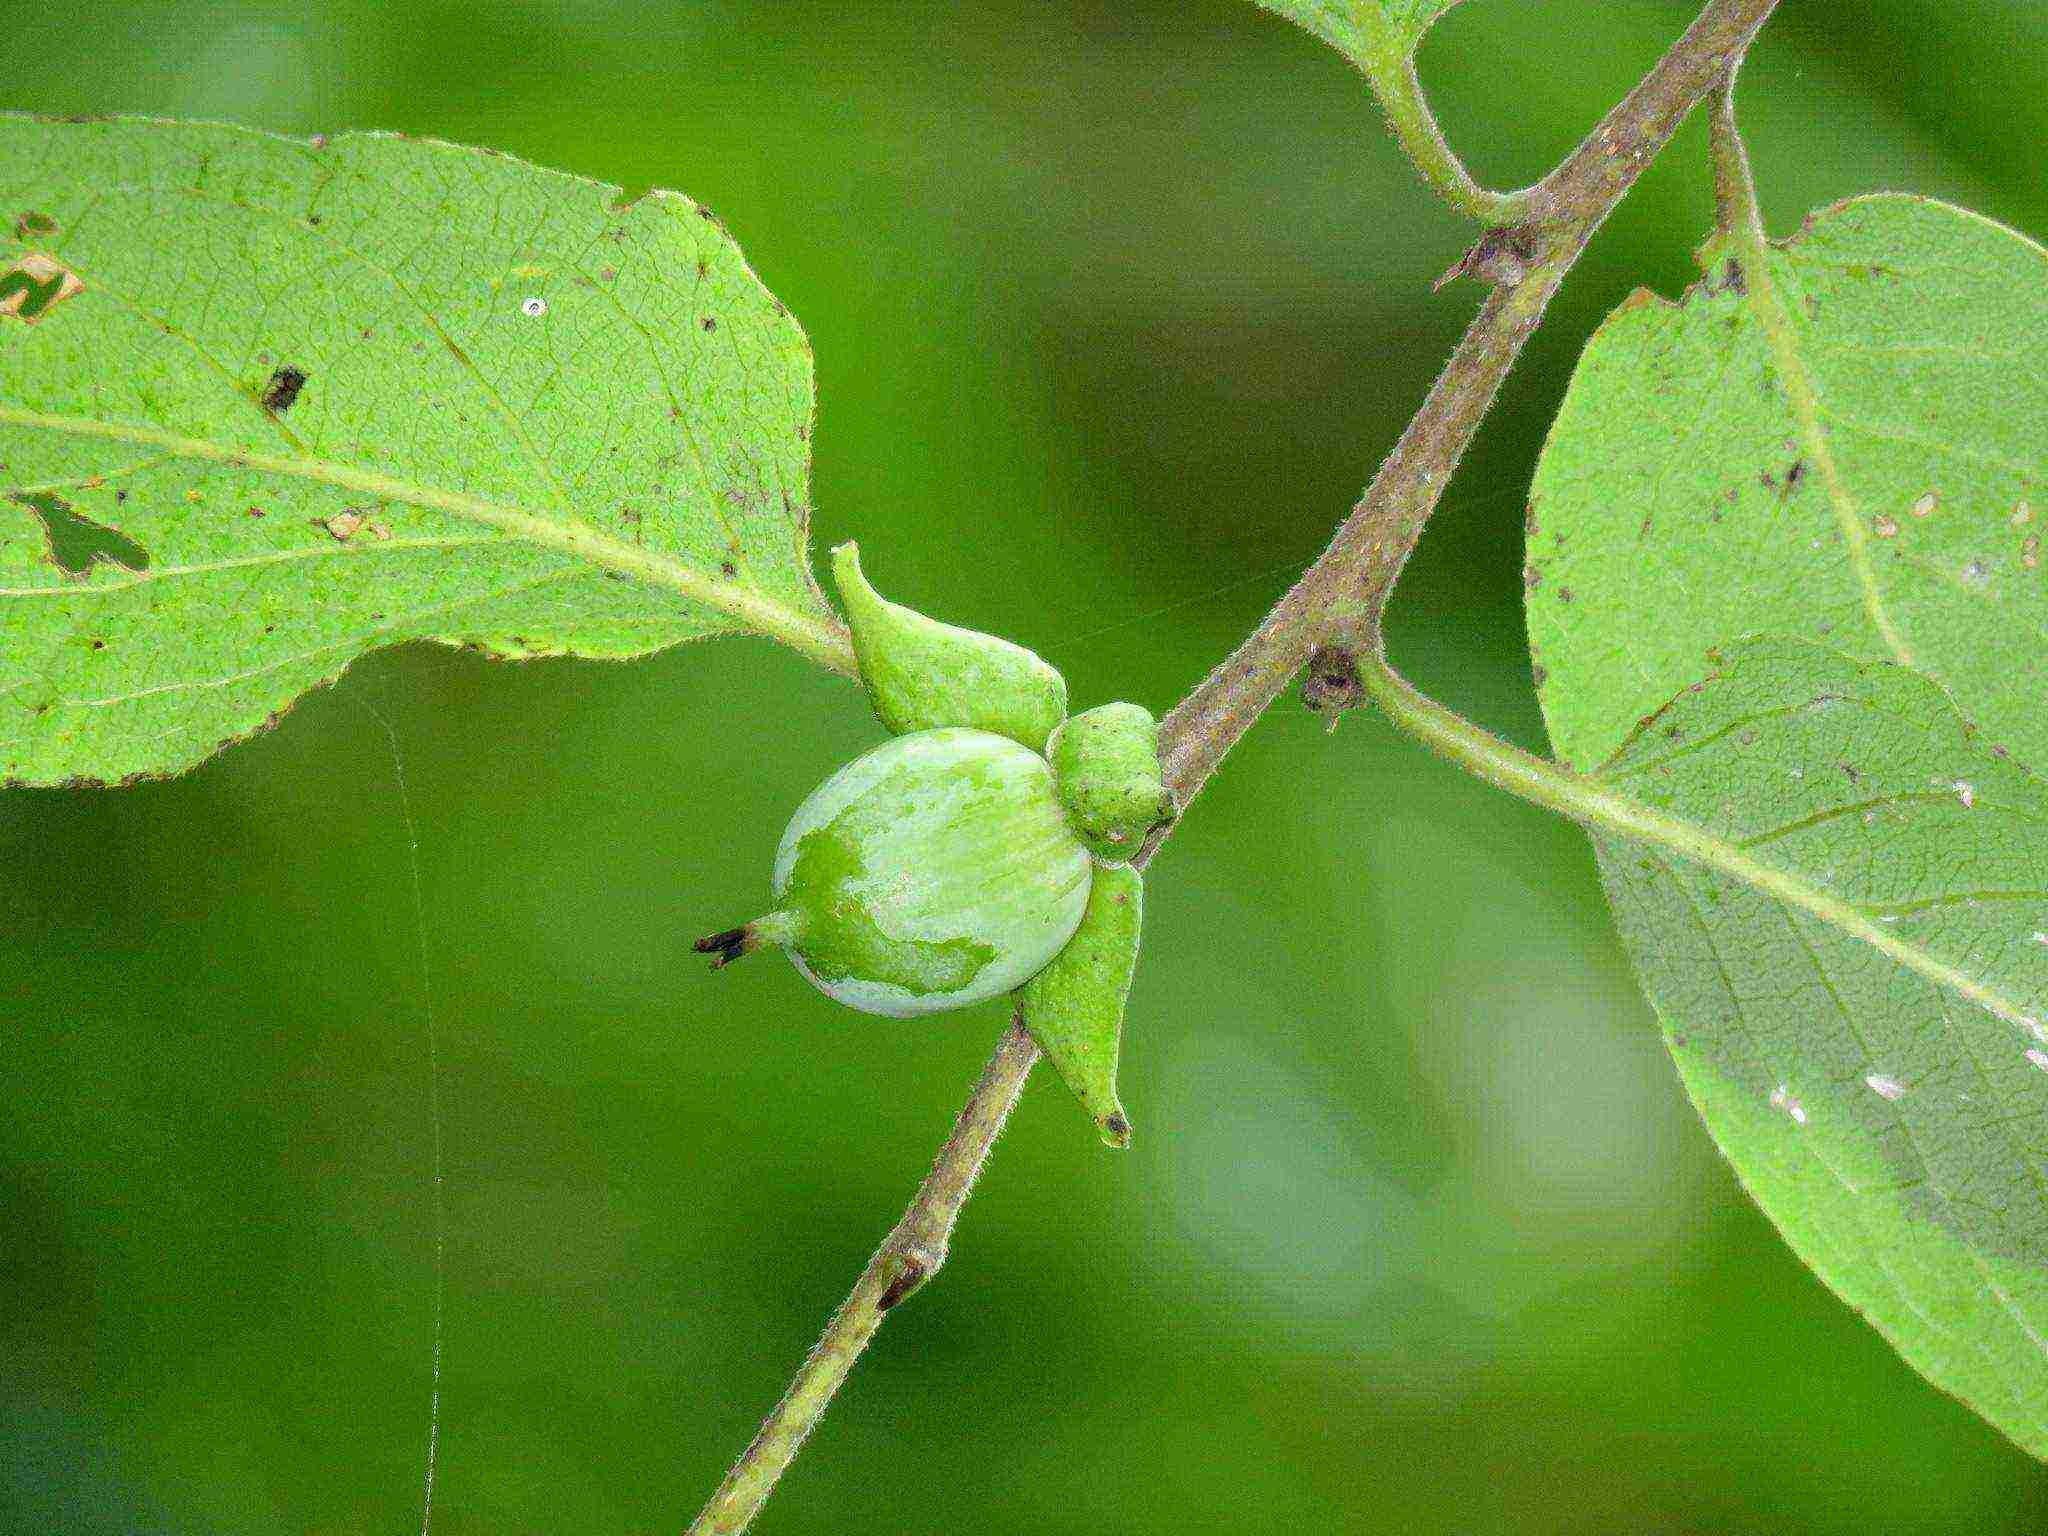 Саженцы хурмы: непростой выбор, но удачная посадка